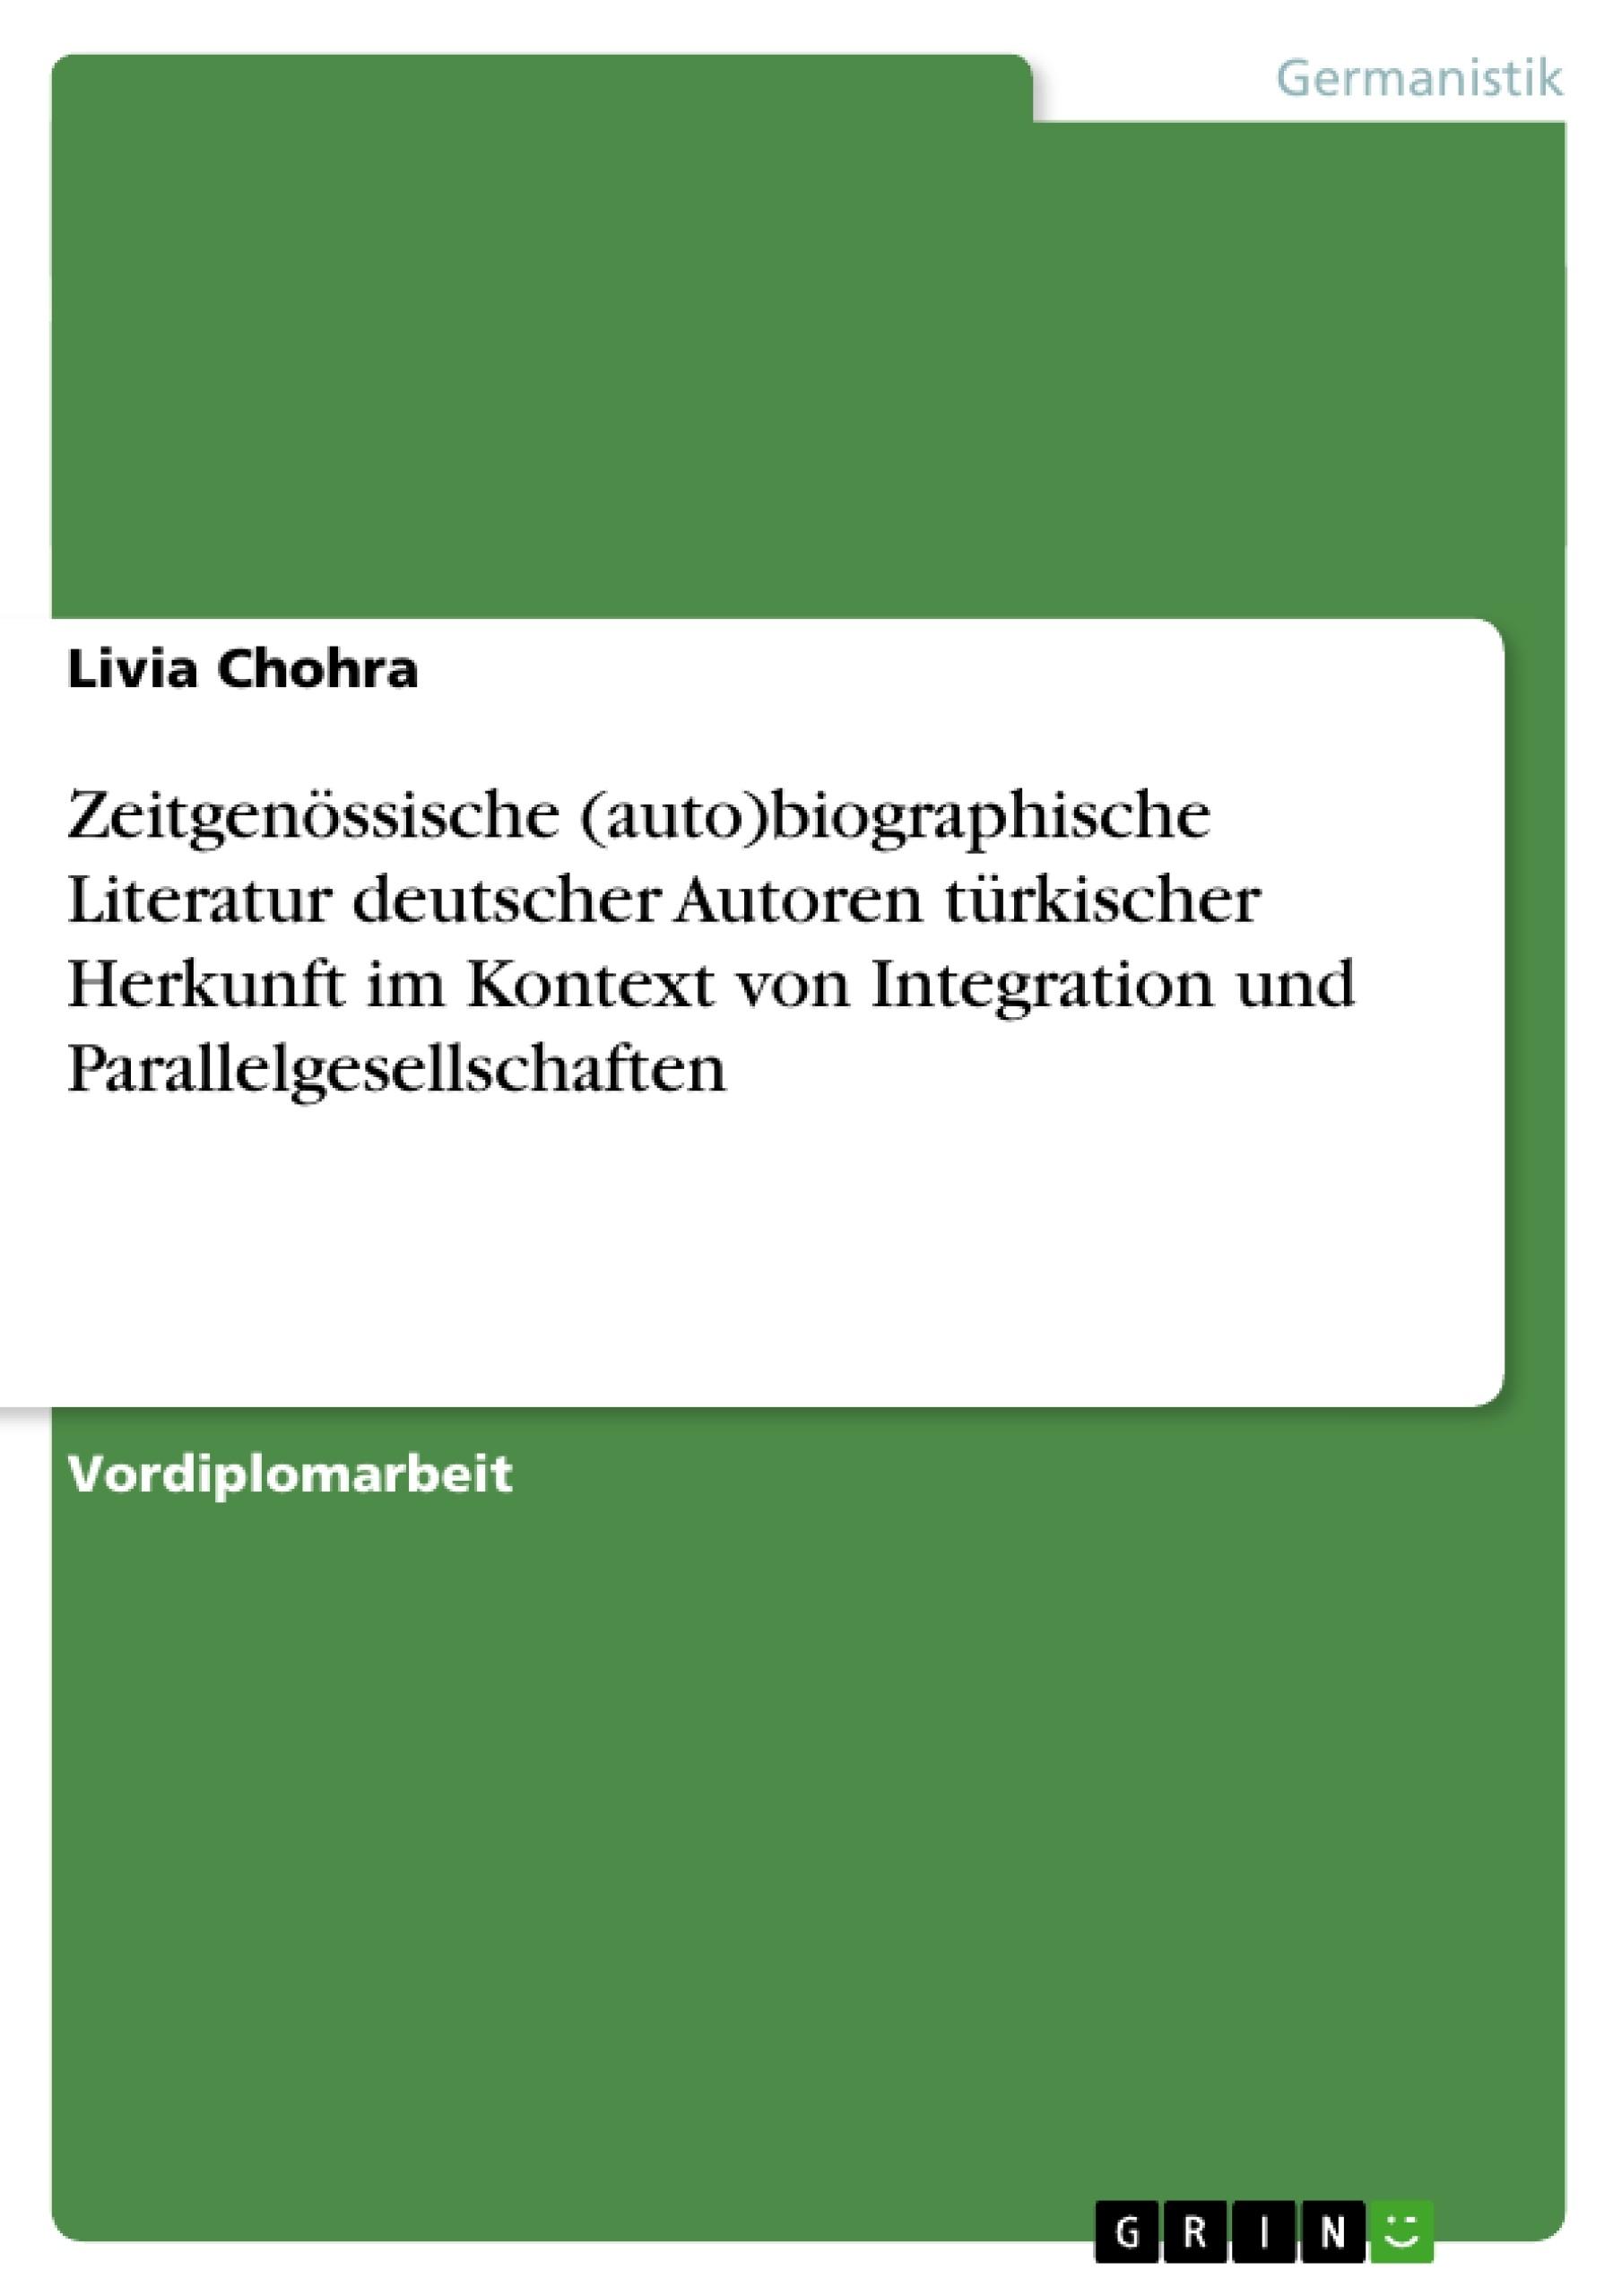 Titel: Zeitgenössische (auto)biographische Literatur deutscher Autoren türkischer Herkunft im Kontext von Integration und Parallelgesellschaften